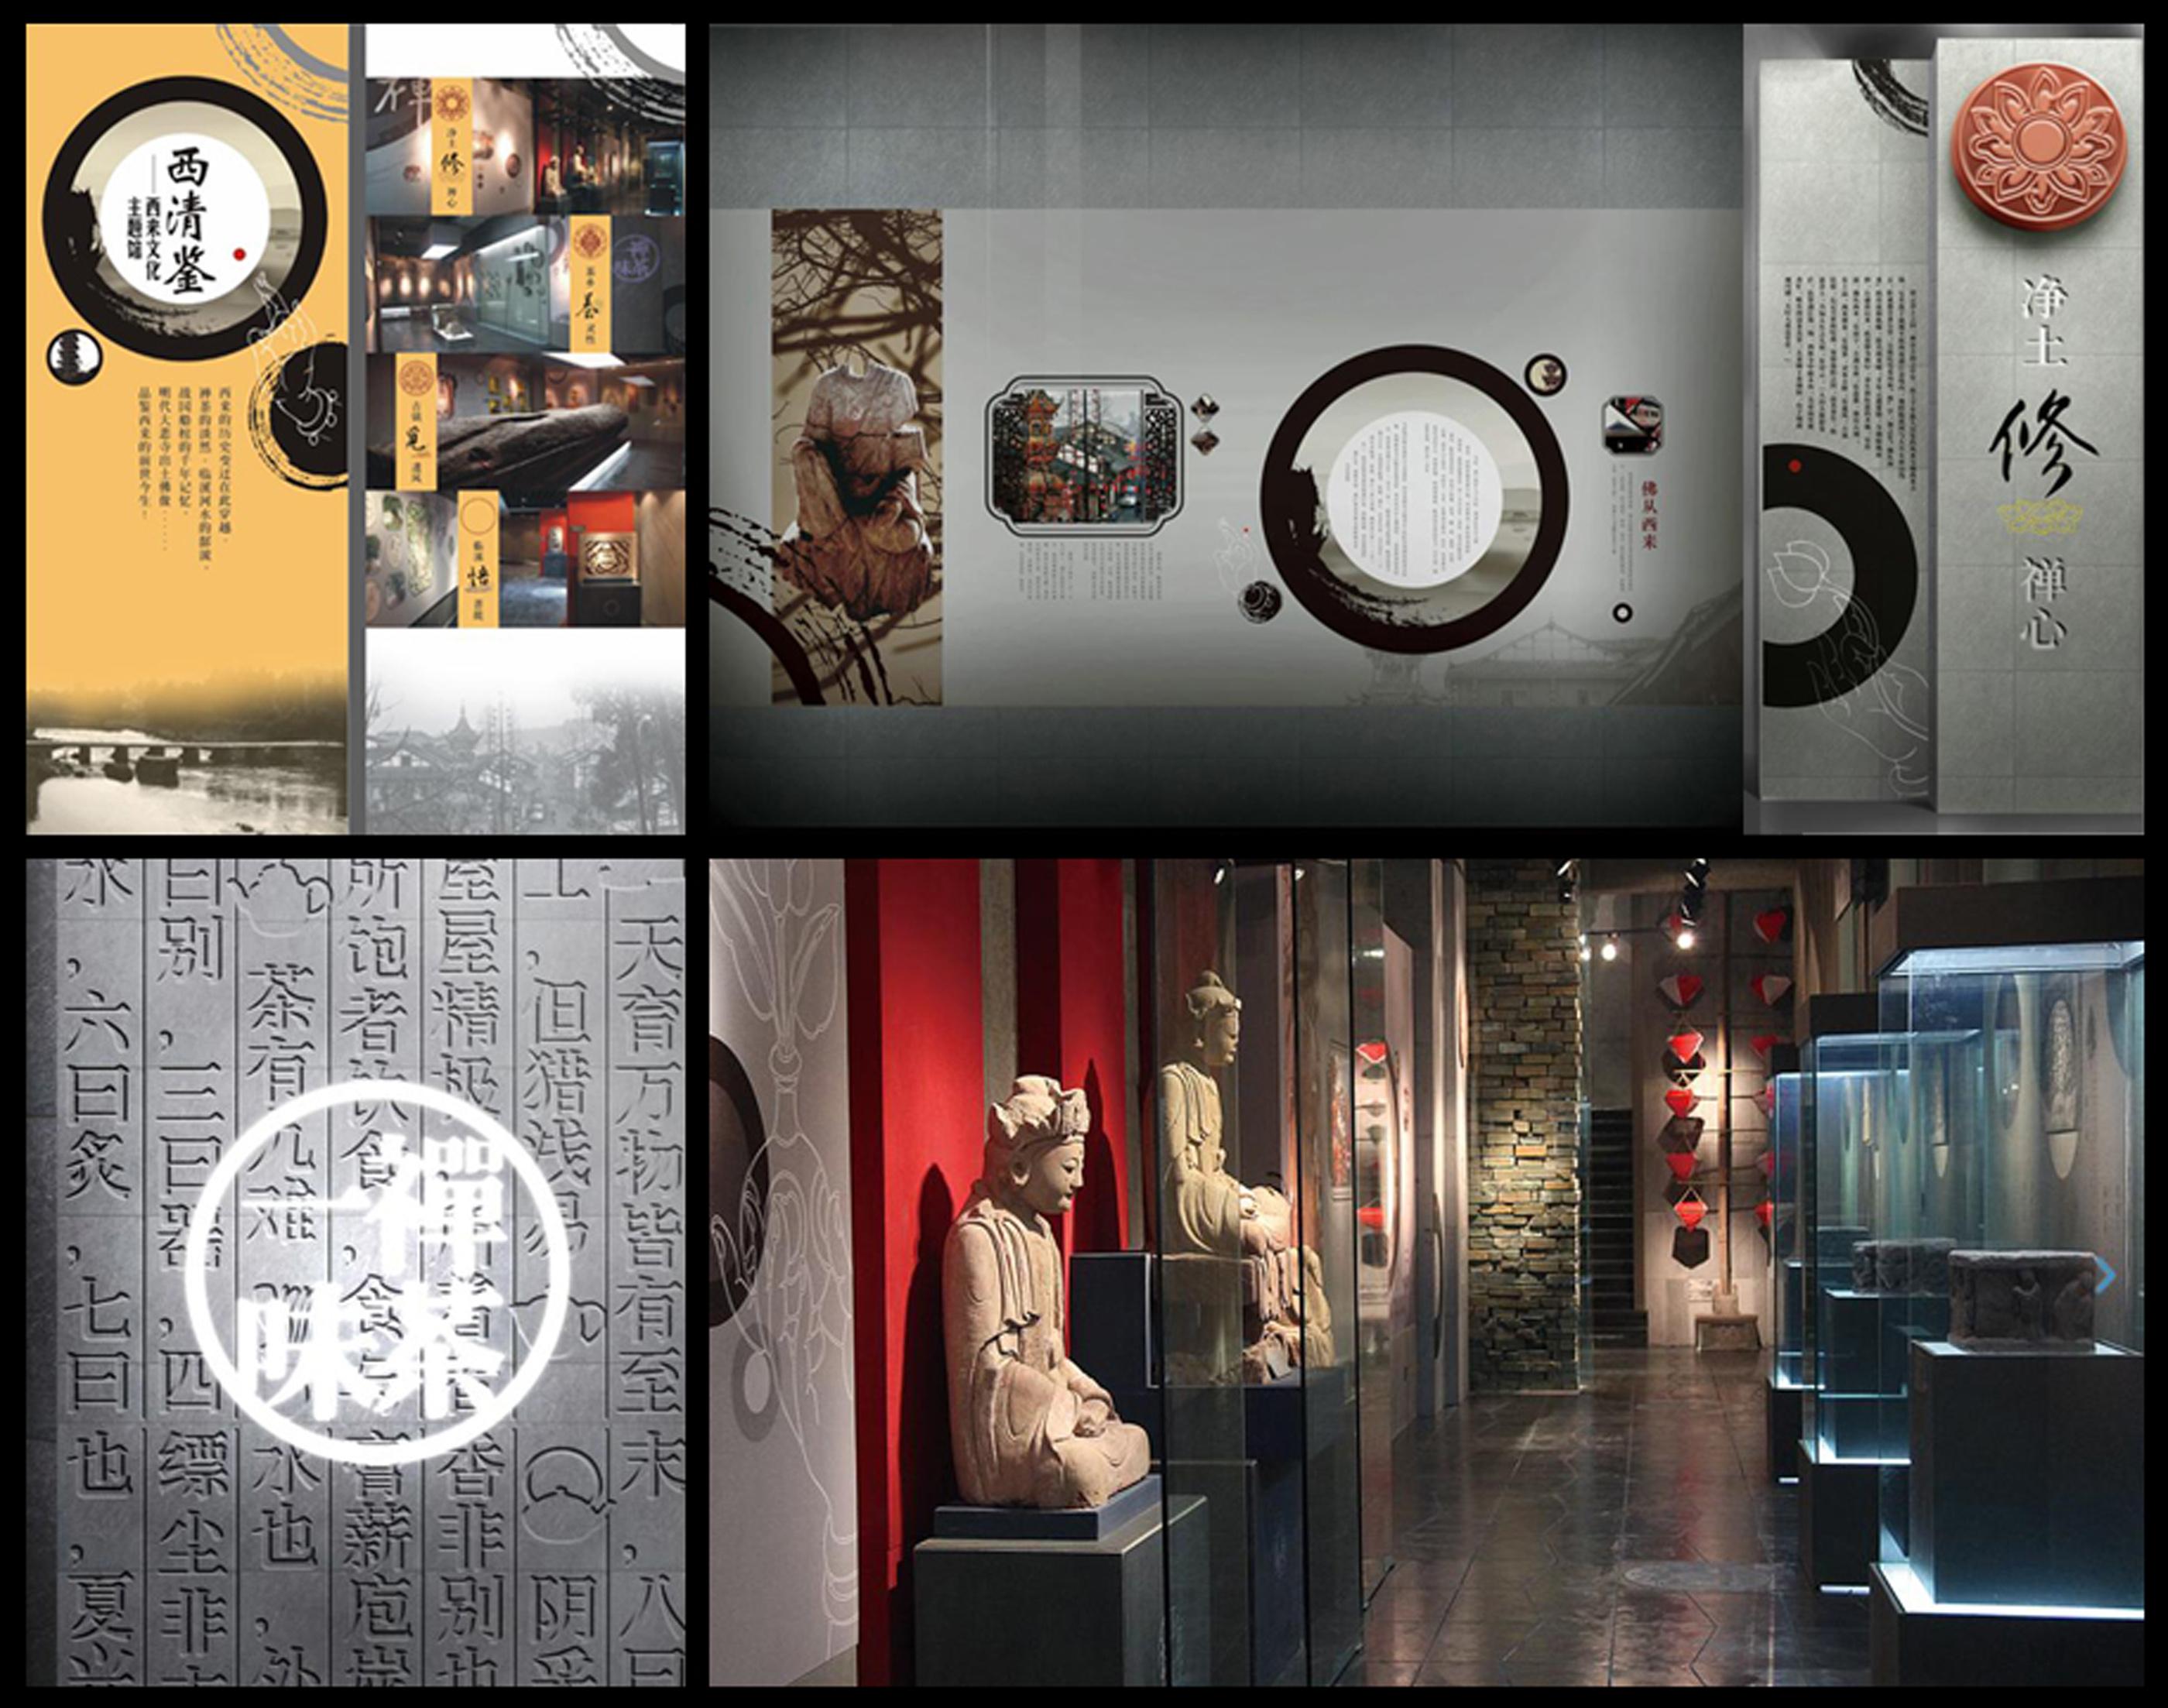 西清鉴——西来文化主题展览设计